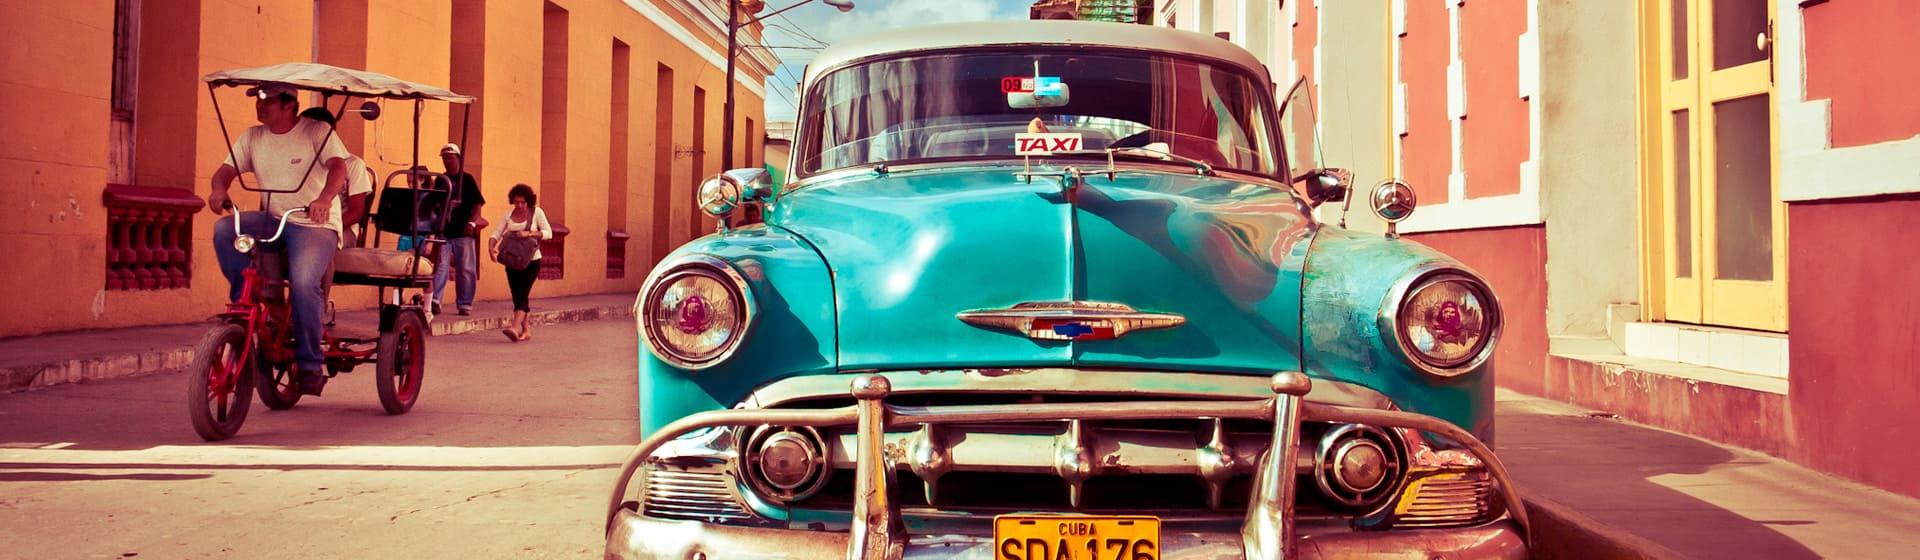 Куба - Мерч и одежда с атрибутикой